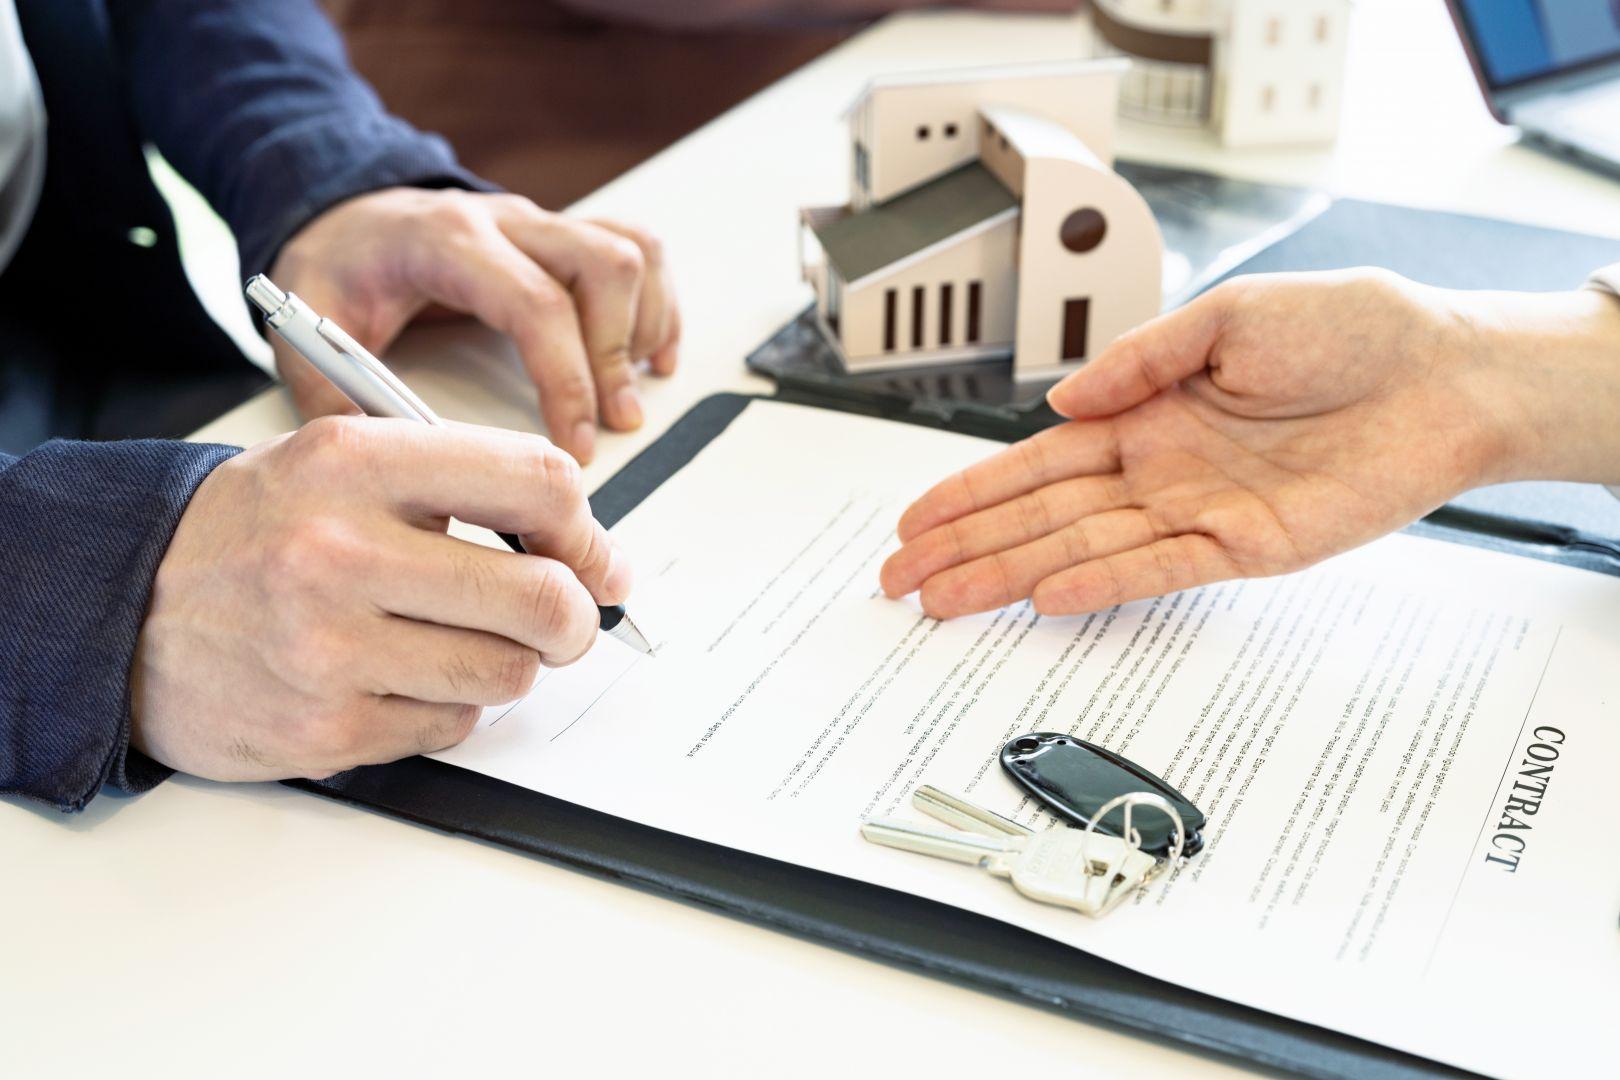 «Le BA-BA de la purge du délai de rétractation: comment sécuriser ses promesses de vente?», Sophie Droller-Bolela, juriste immobilier co-fondatrice d'Immo-formation.fr